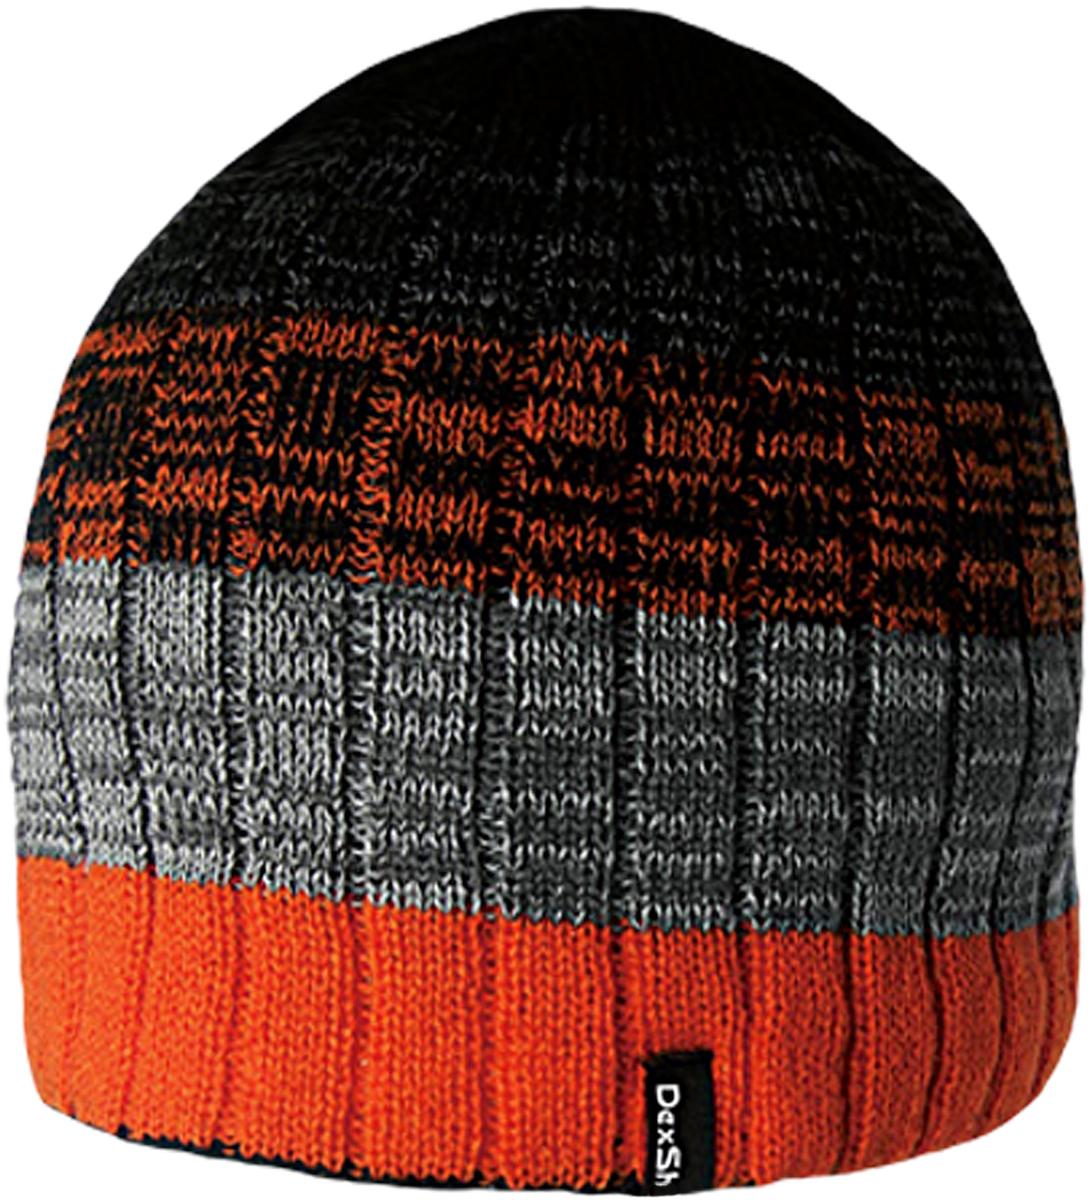 Шапка водонепроницаемая Dexshell, цвет: оранжевый. DH332N. Размер универсальный шапка женская nuages цвет голубой nh 742 106 размер универсальный